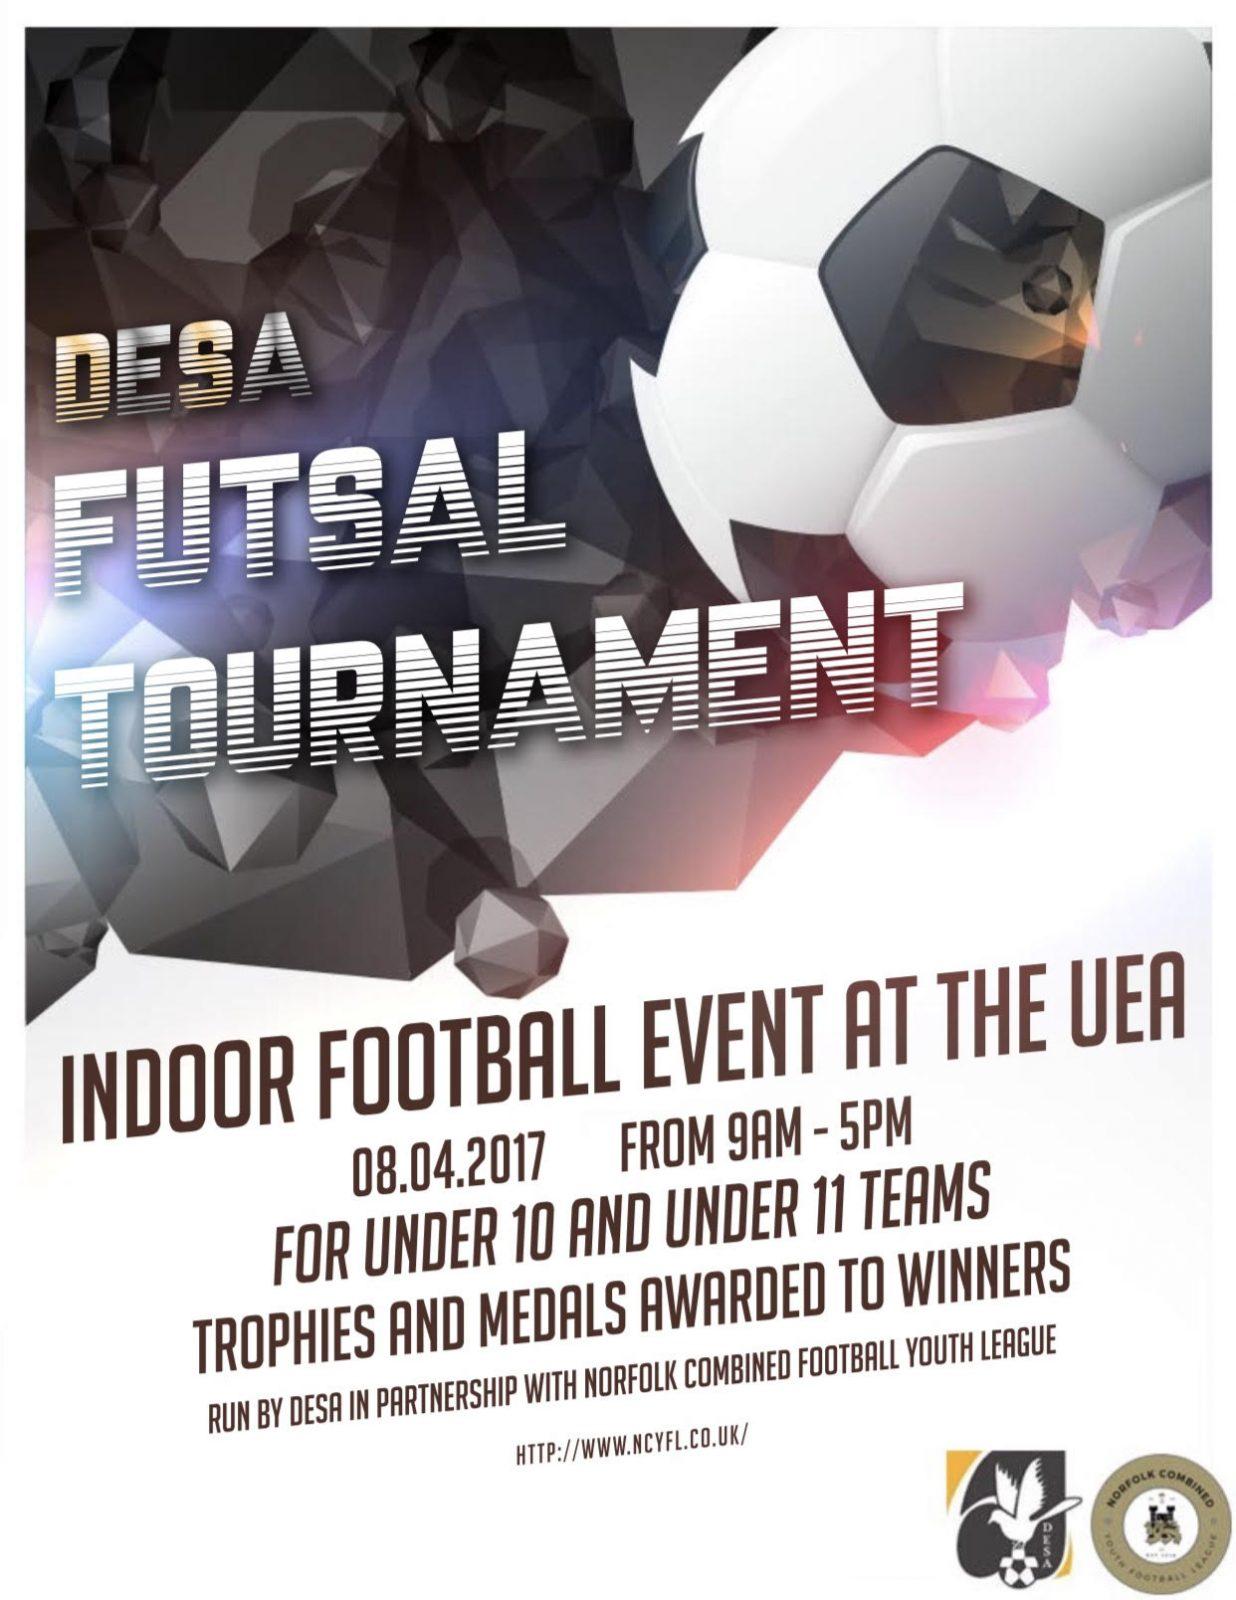 DESA Futsal Tournament